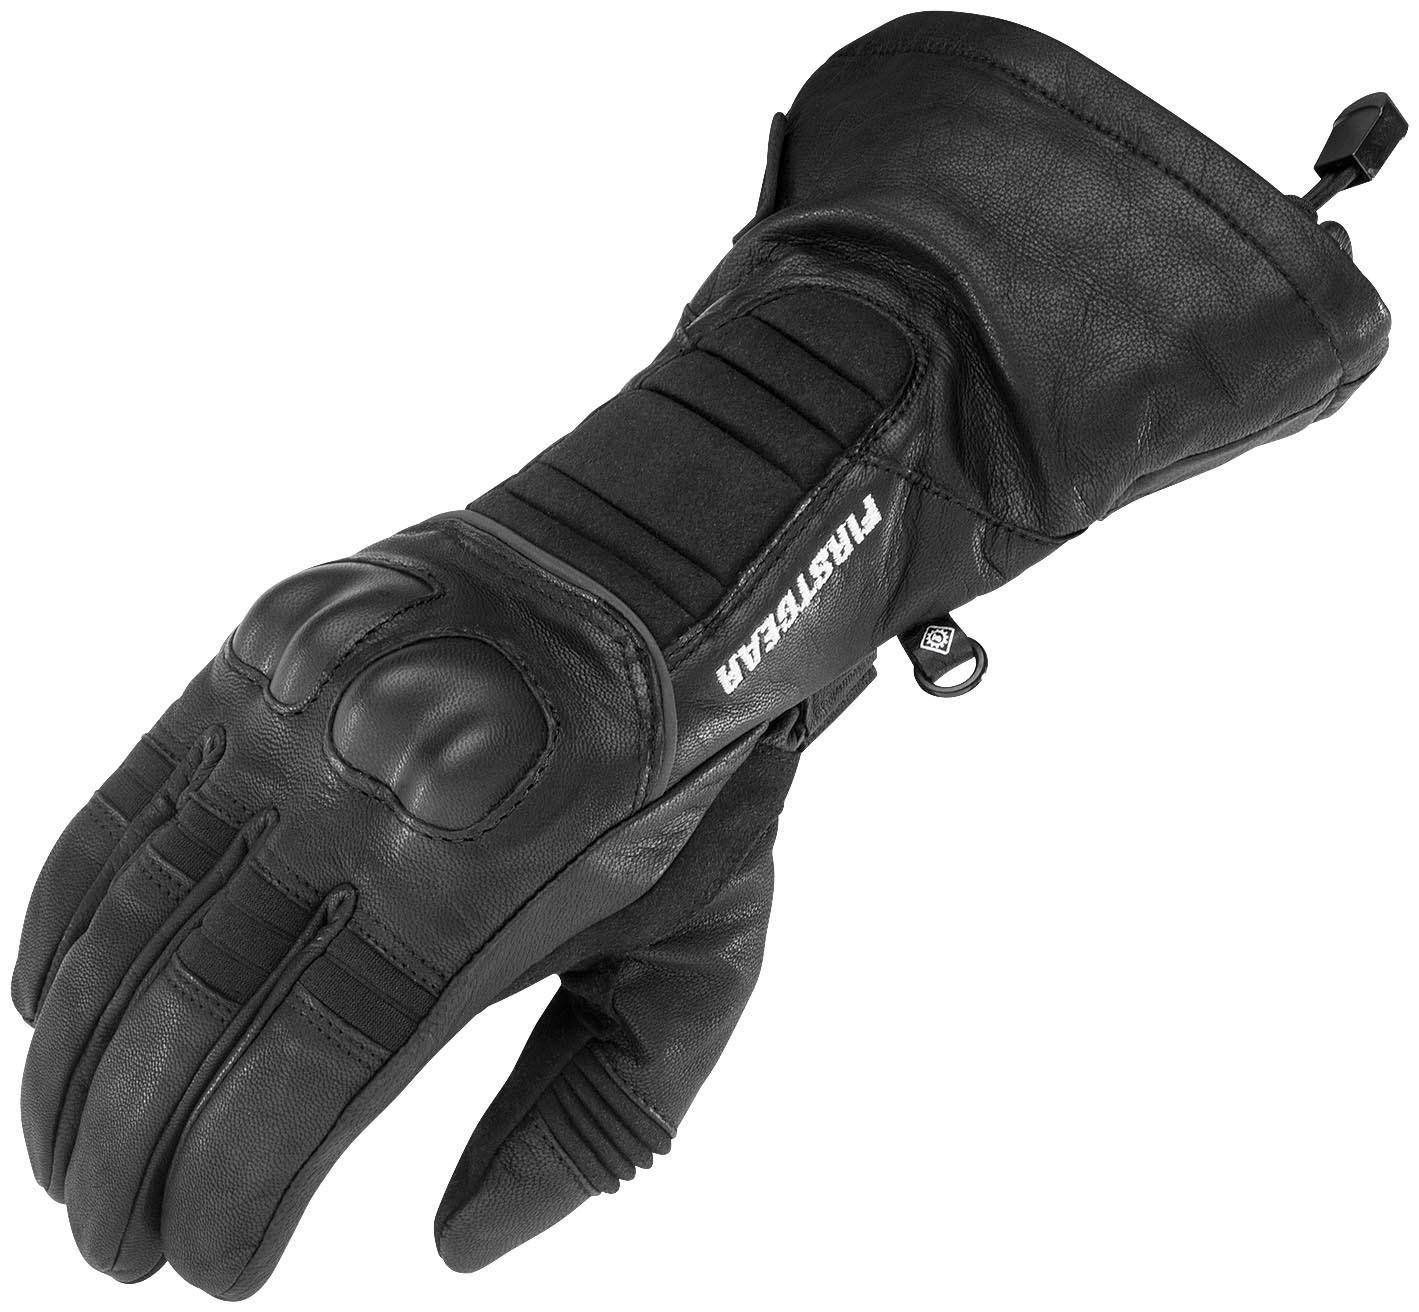 Fargo Womens Gloves for sale in Victoria, TX Dale's Fun